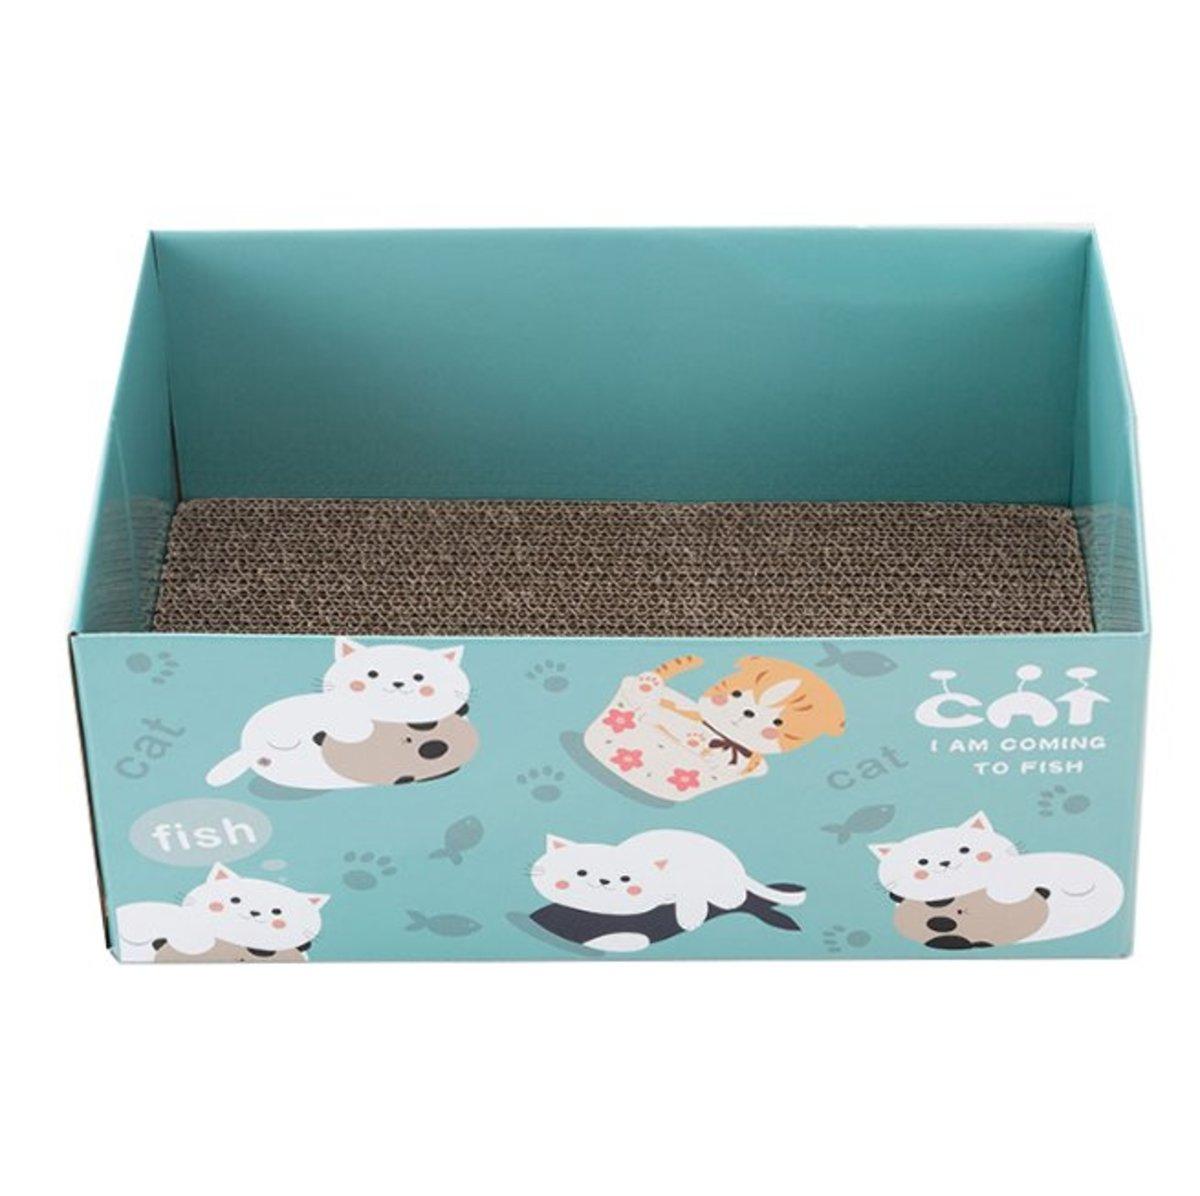 Cat toy cat scratcher box 37x24x16cm Two colour